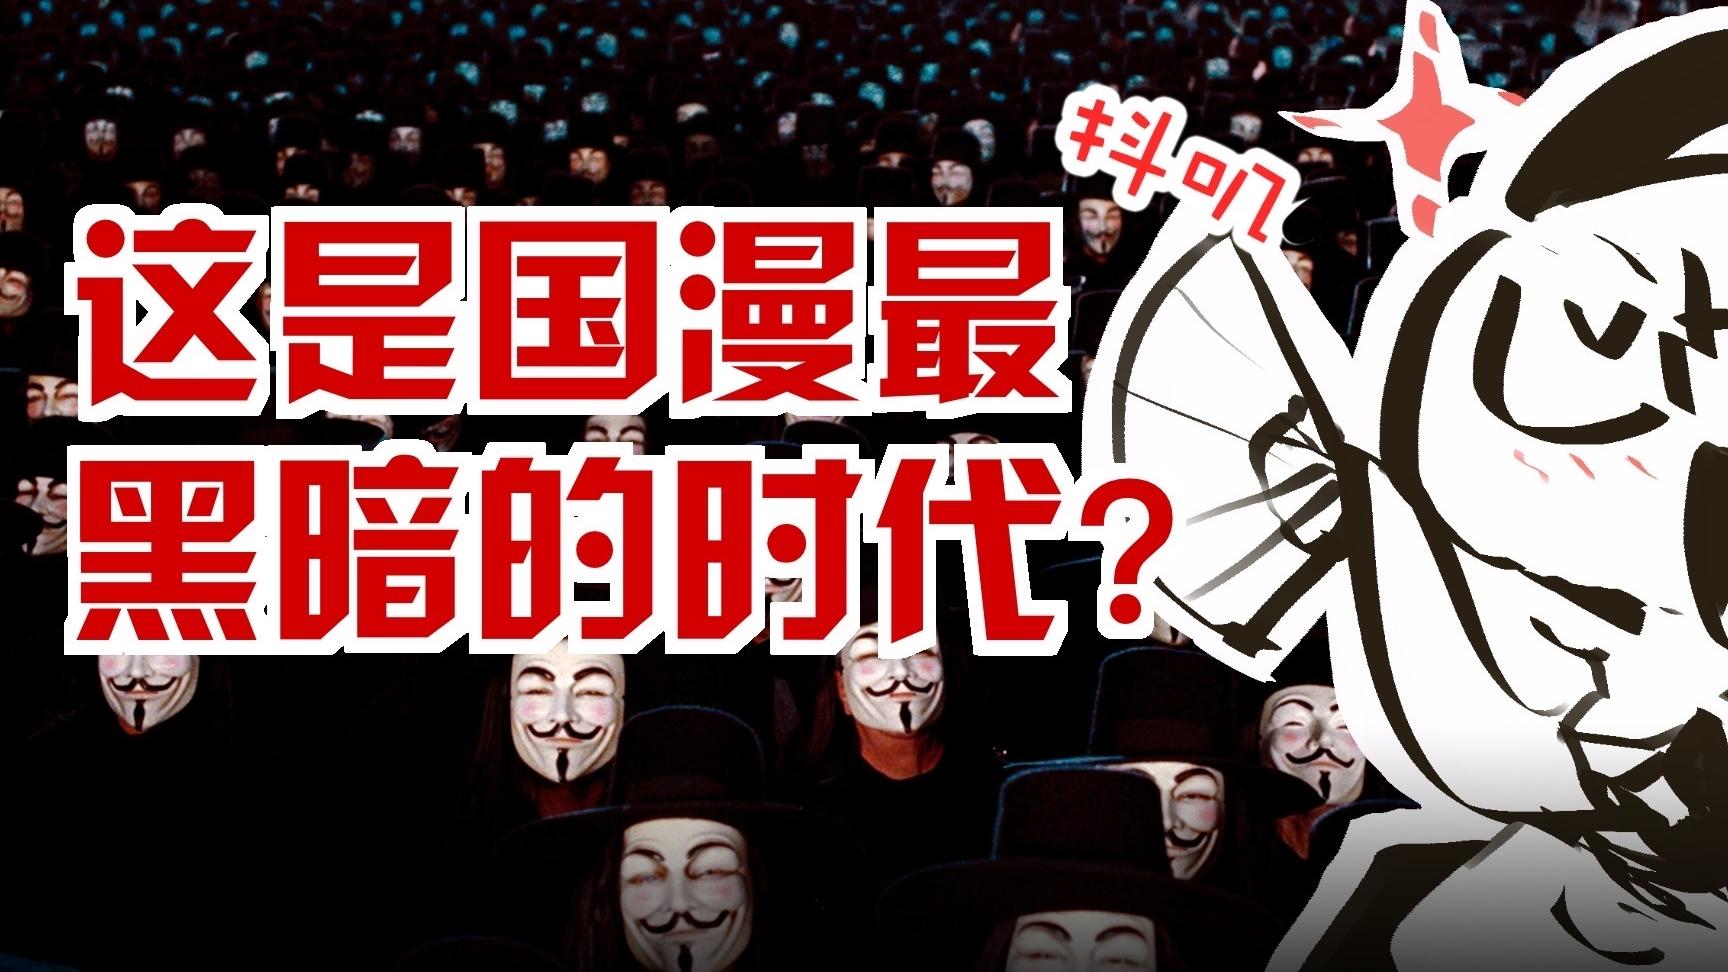 【抖抖村】国漫已经迎来最黑暗的时代…了吗?不得不了解的中国漫画30年血泪-最终章!